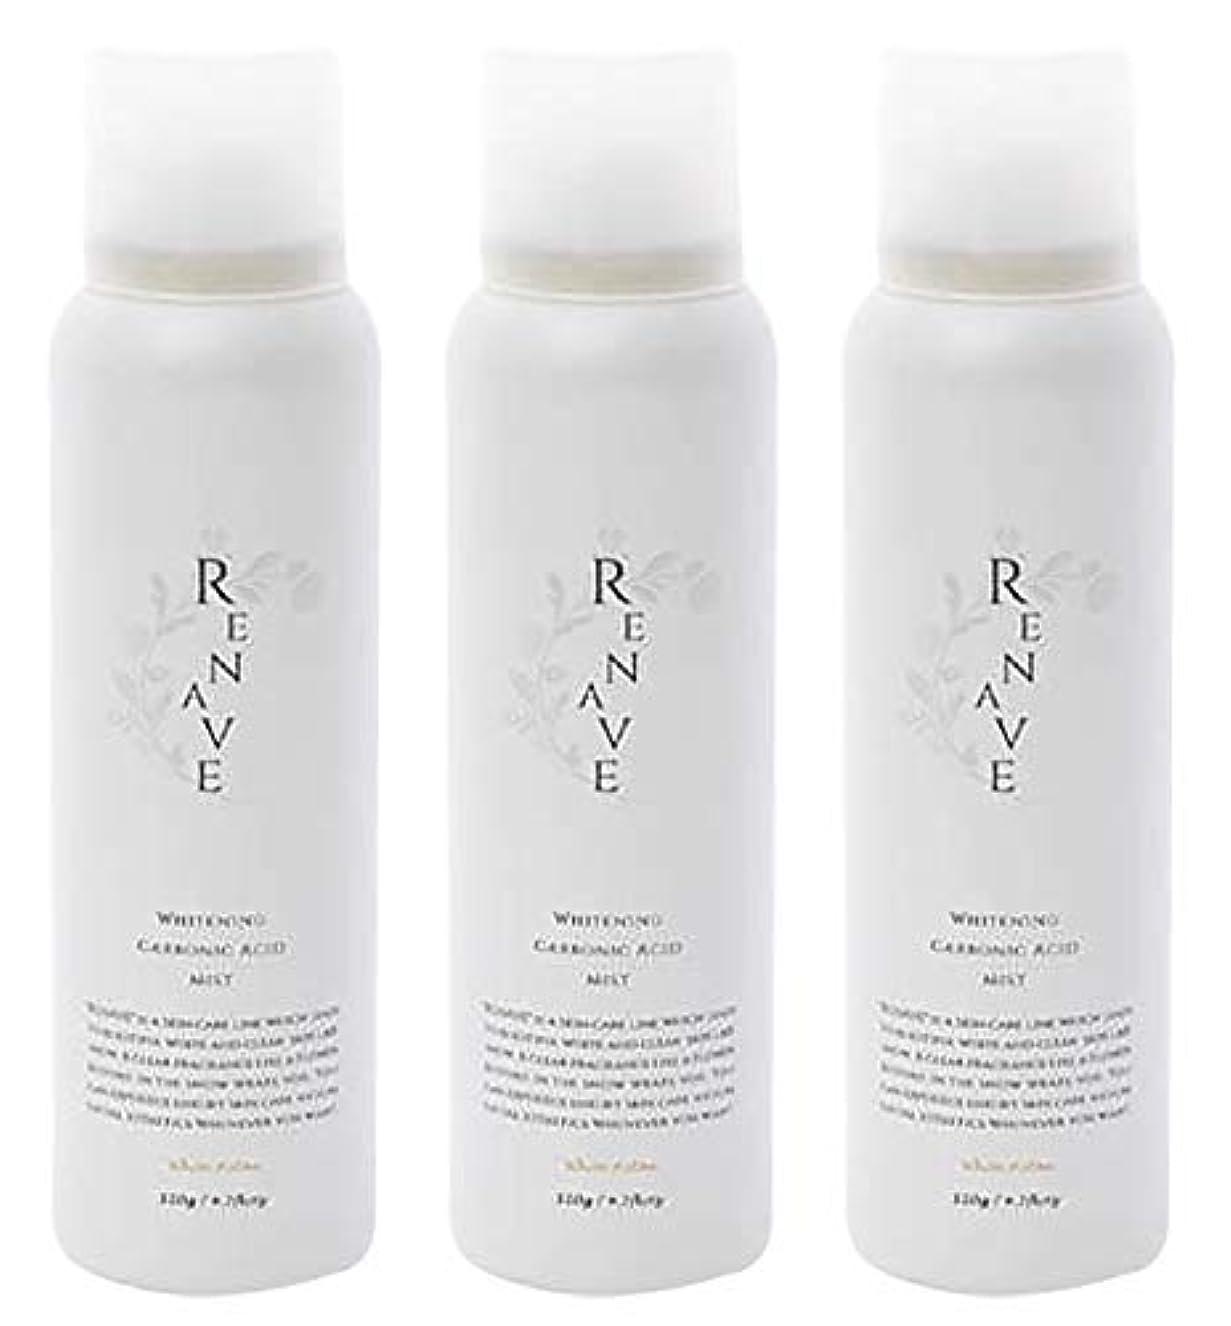 RENAVE(リネーヴェ) 高濃度炭酸ミスト 薬用美白化粧水 120ml 3本セット